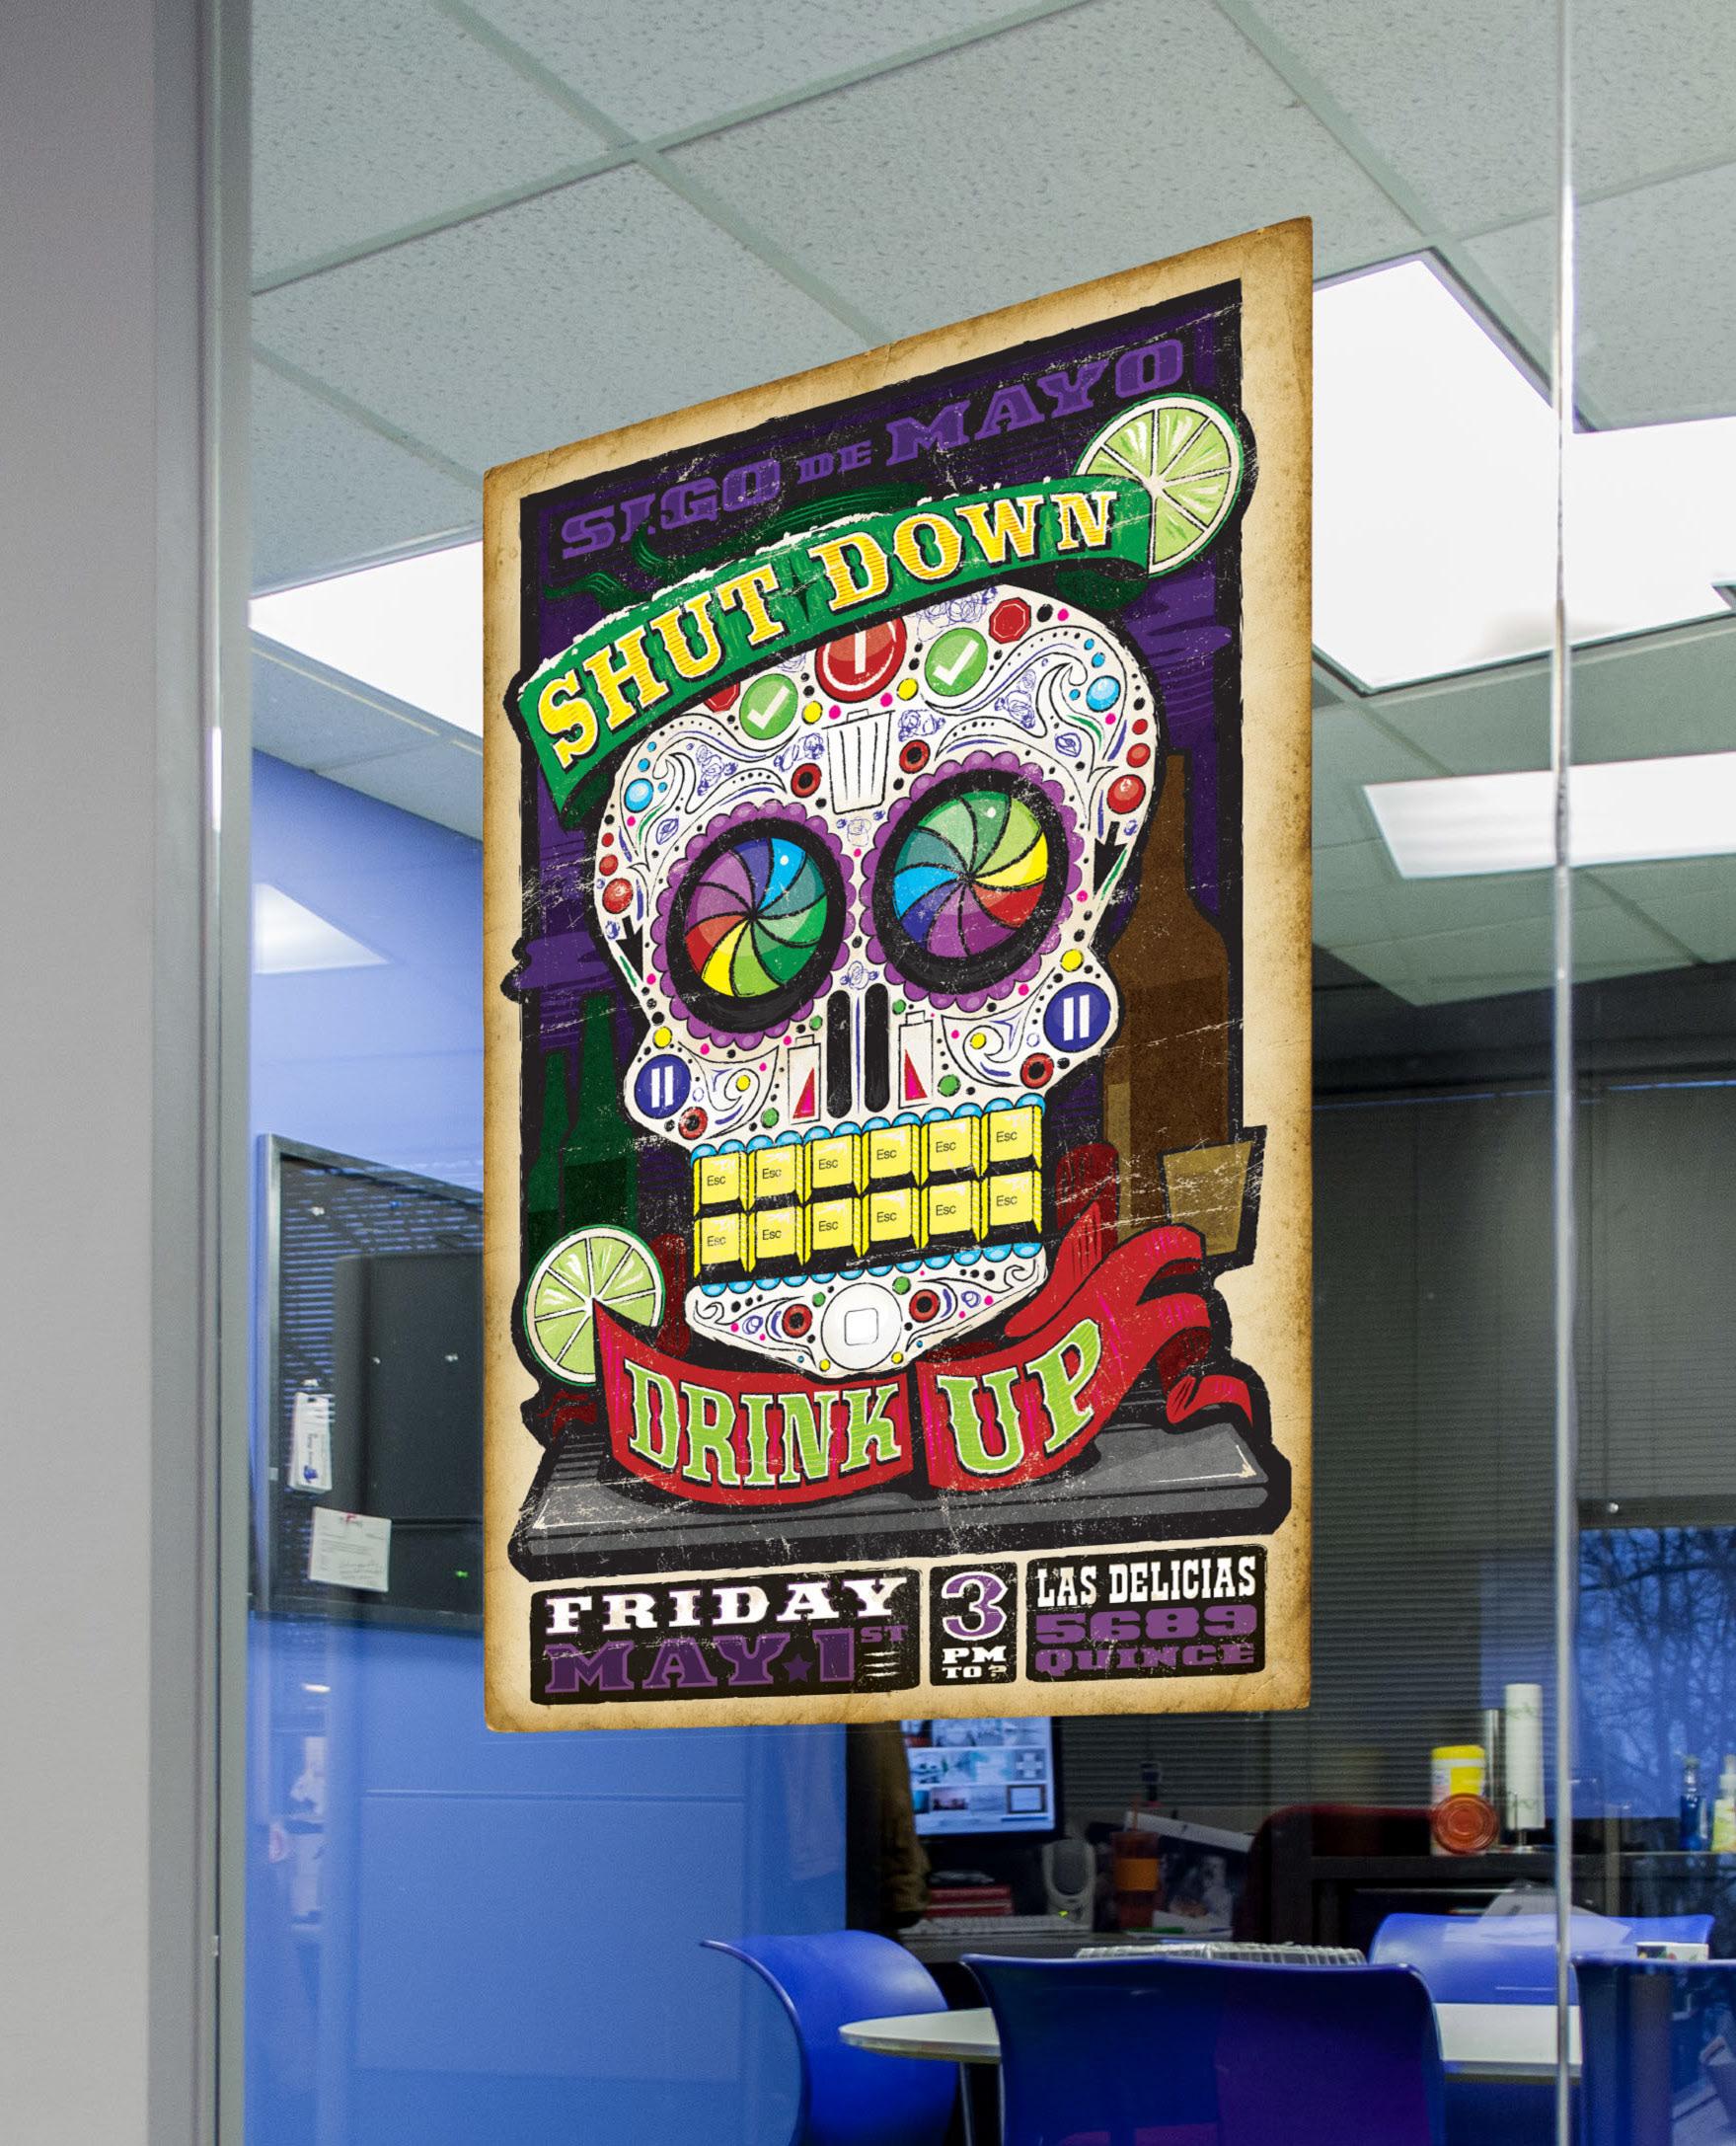 Office ideas for cinco de mayo - Cinco De Mayo Party Poster